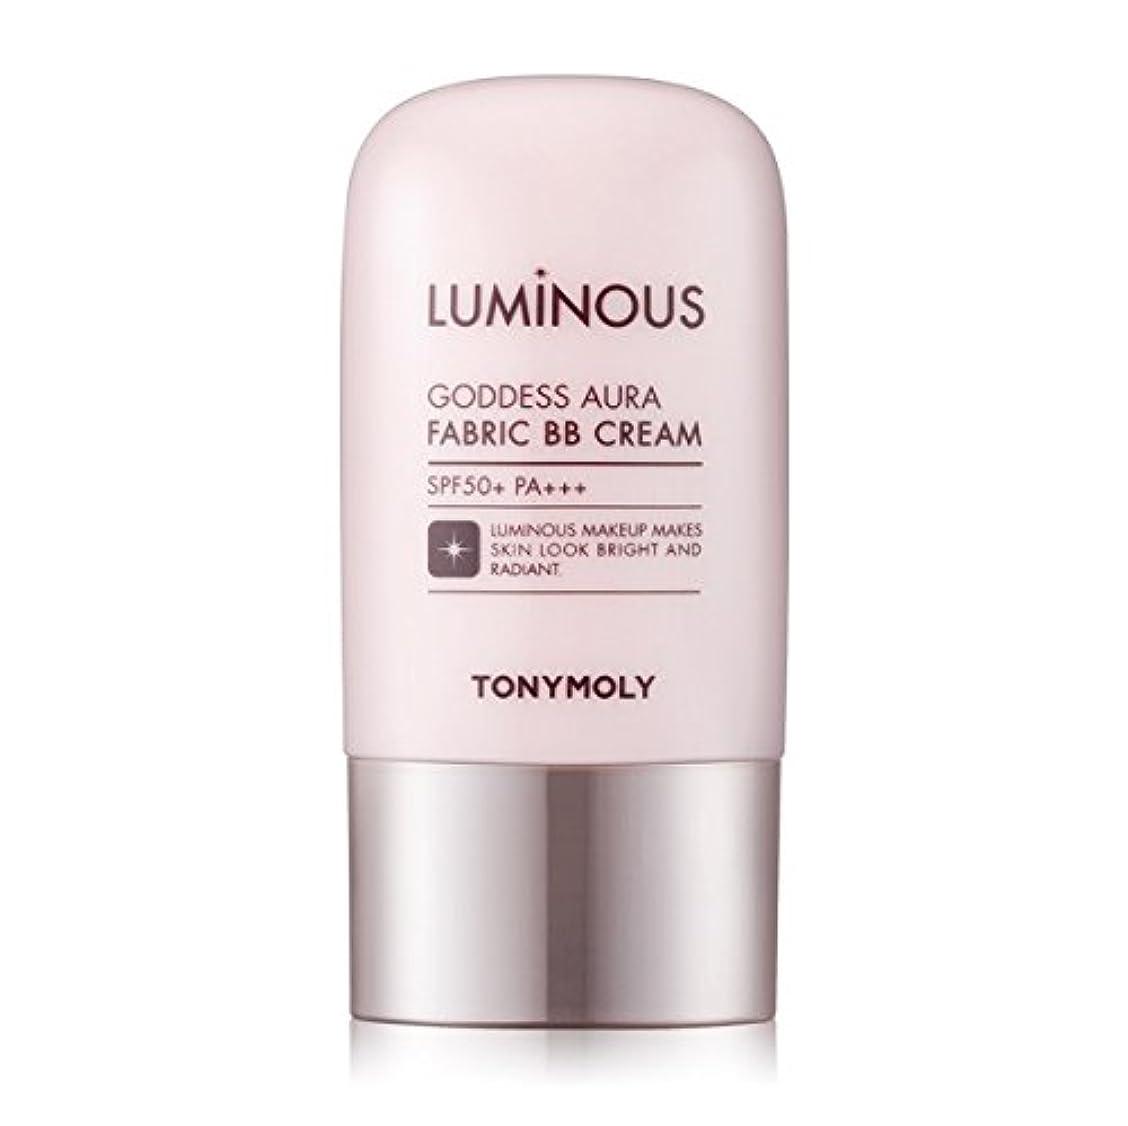 毎月組み合わせ紫のTONYMOLY Luminous Goddess Aura Fabric BB Cream (02 Warm Beige) / トニーモリー ルミナス女神光彩ファブリックBBクリーム 40g [並行輸入品]